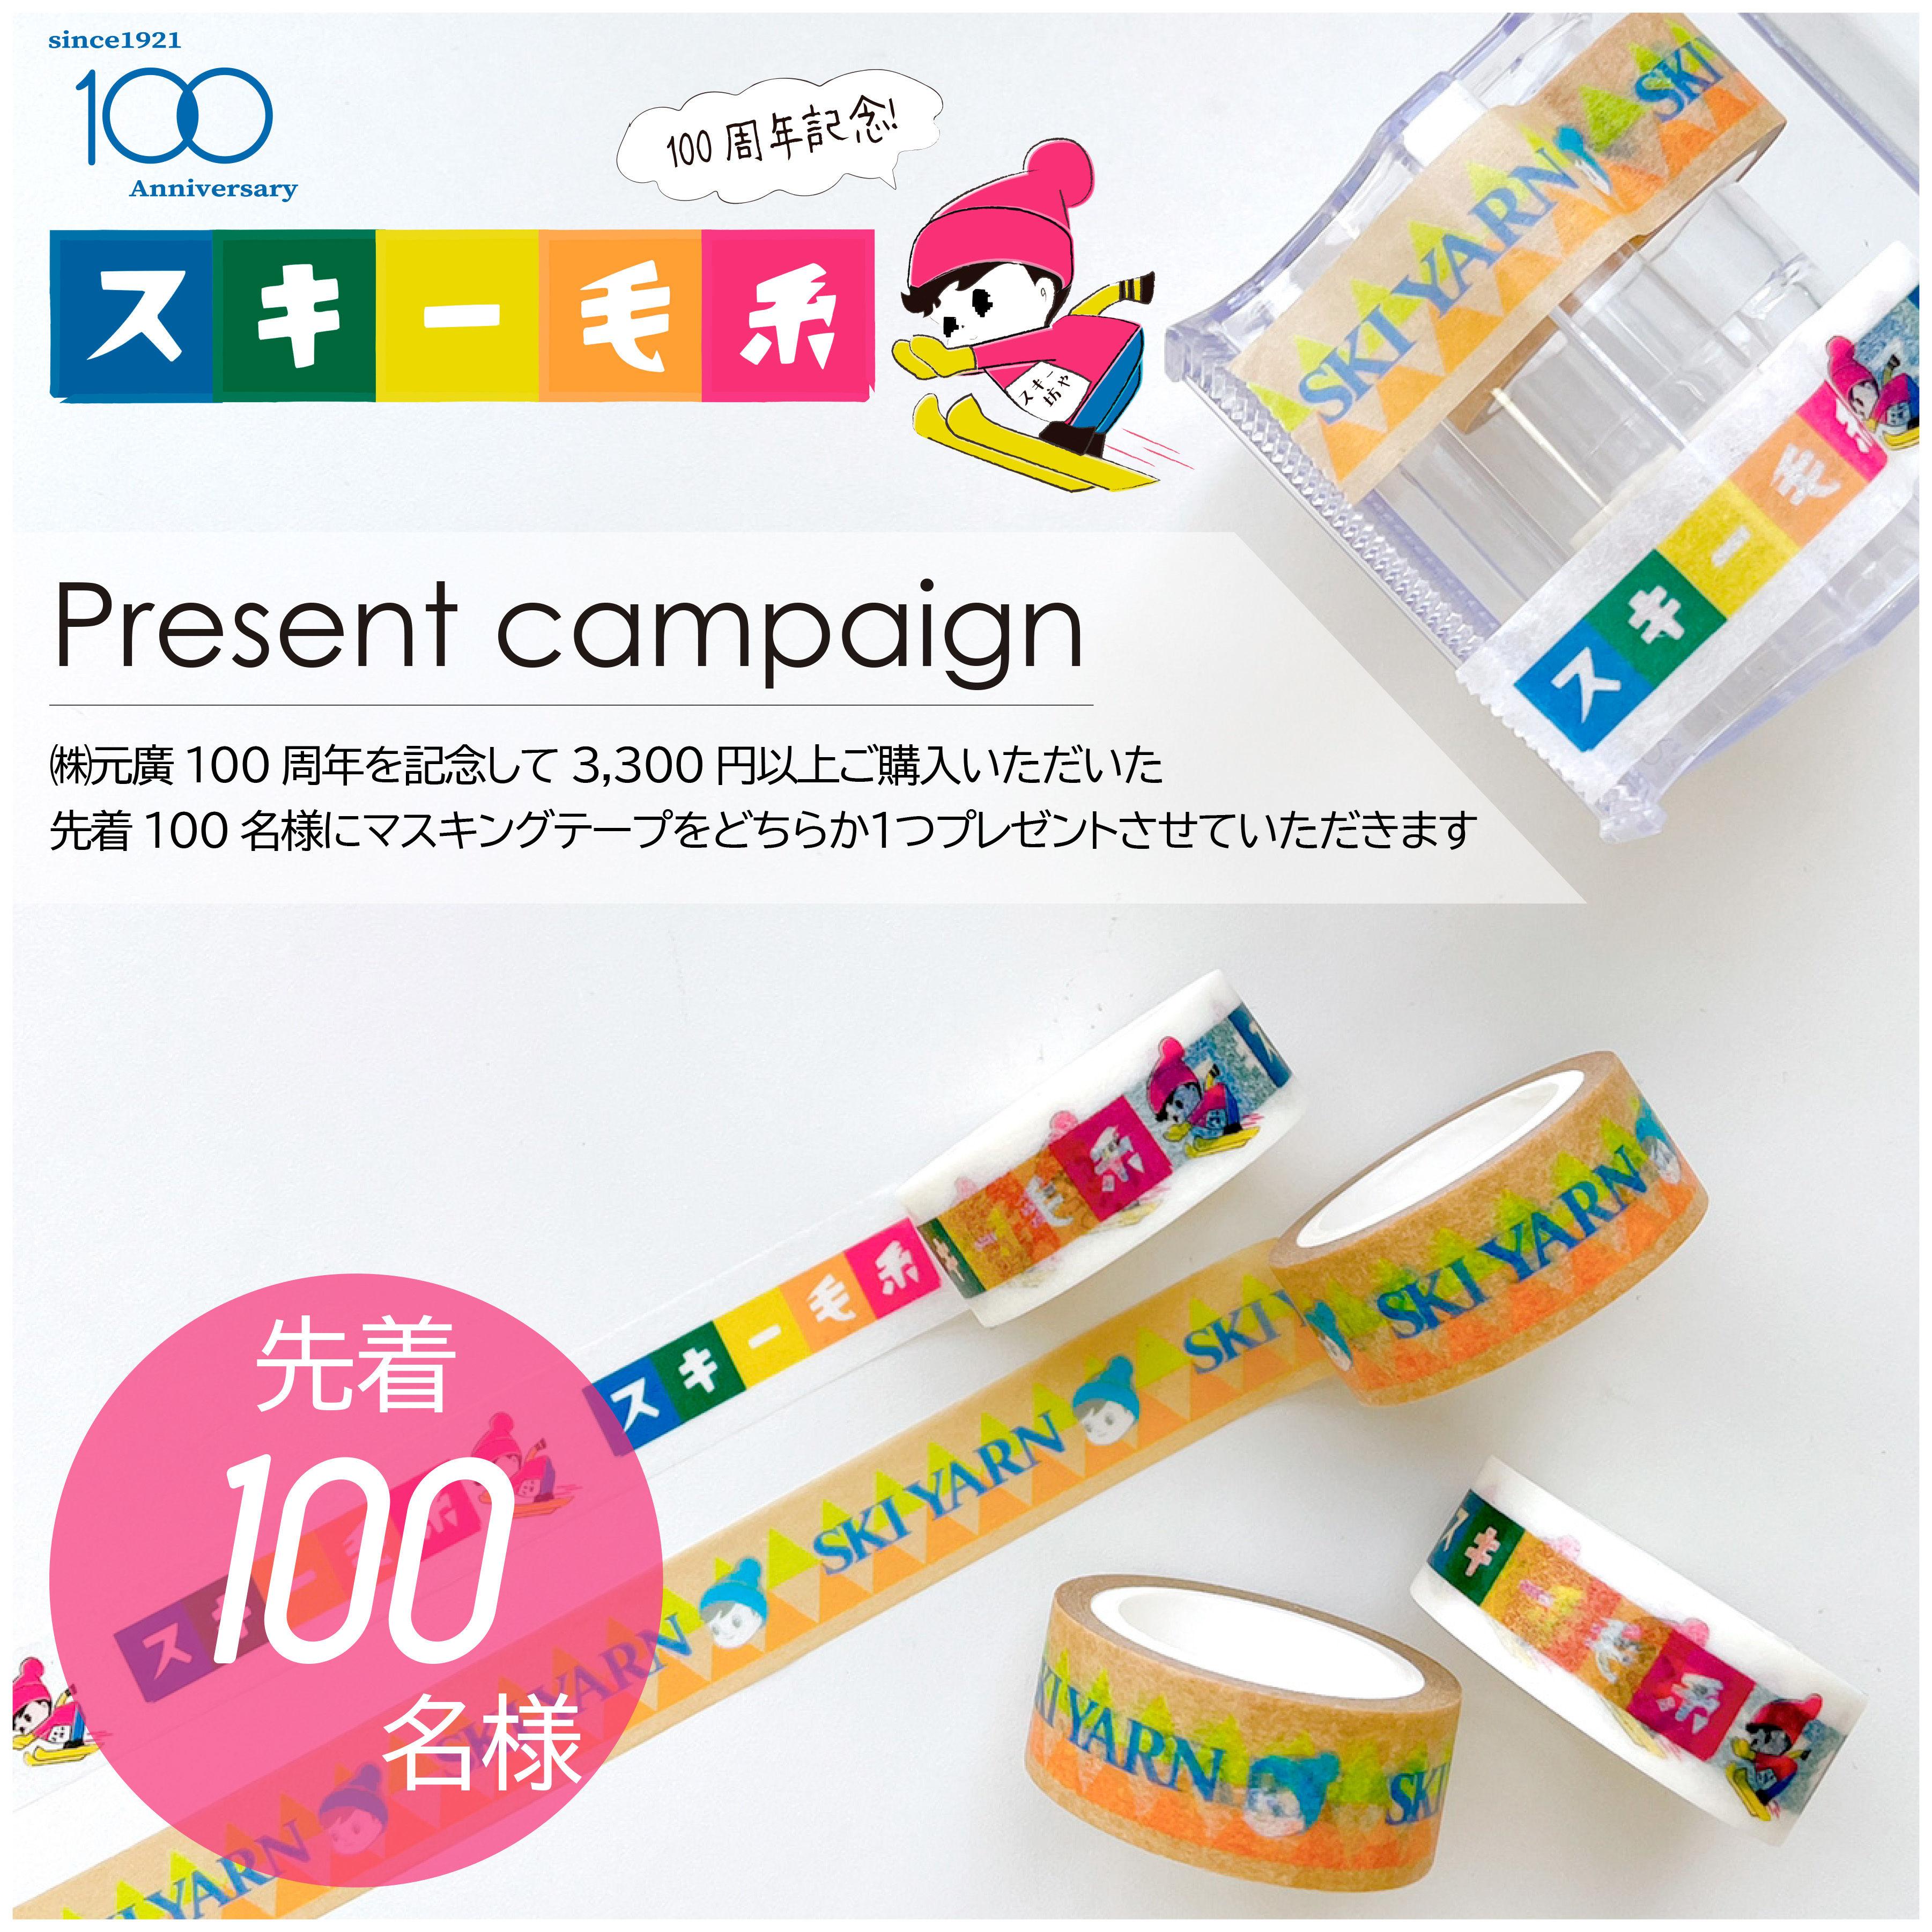 100周年記念*プレゼント企画